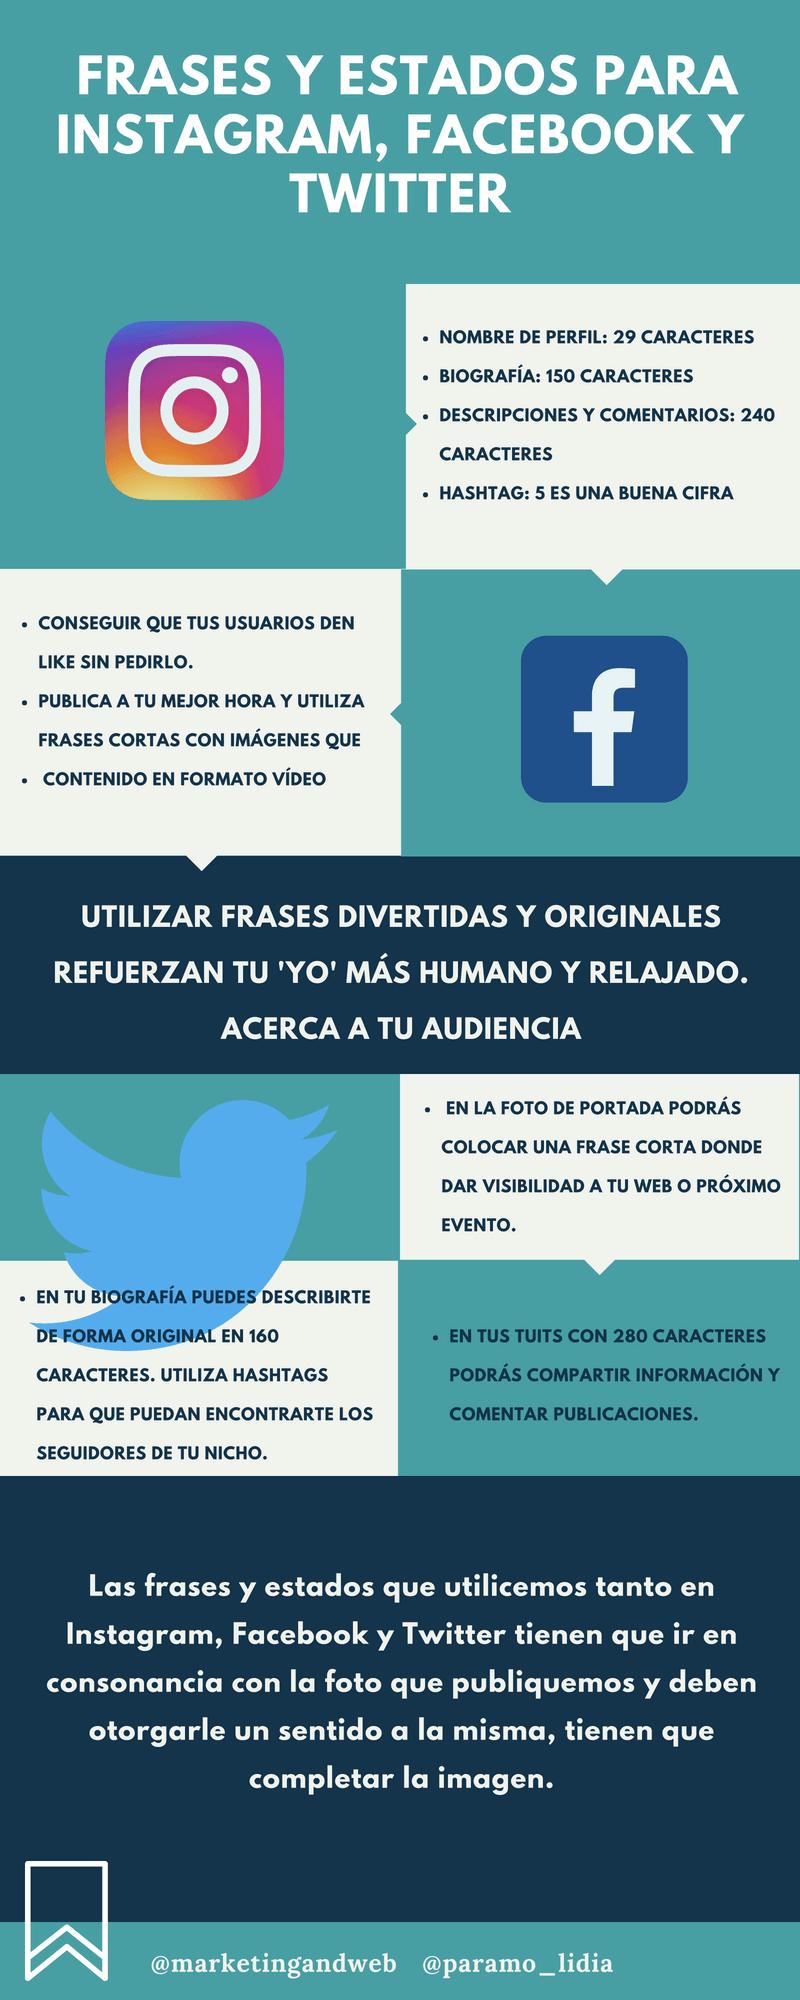 100 Estados Y Frases Para Instagram Facebook Y Twitter